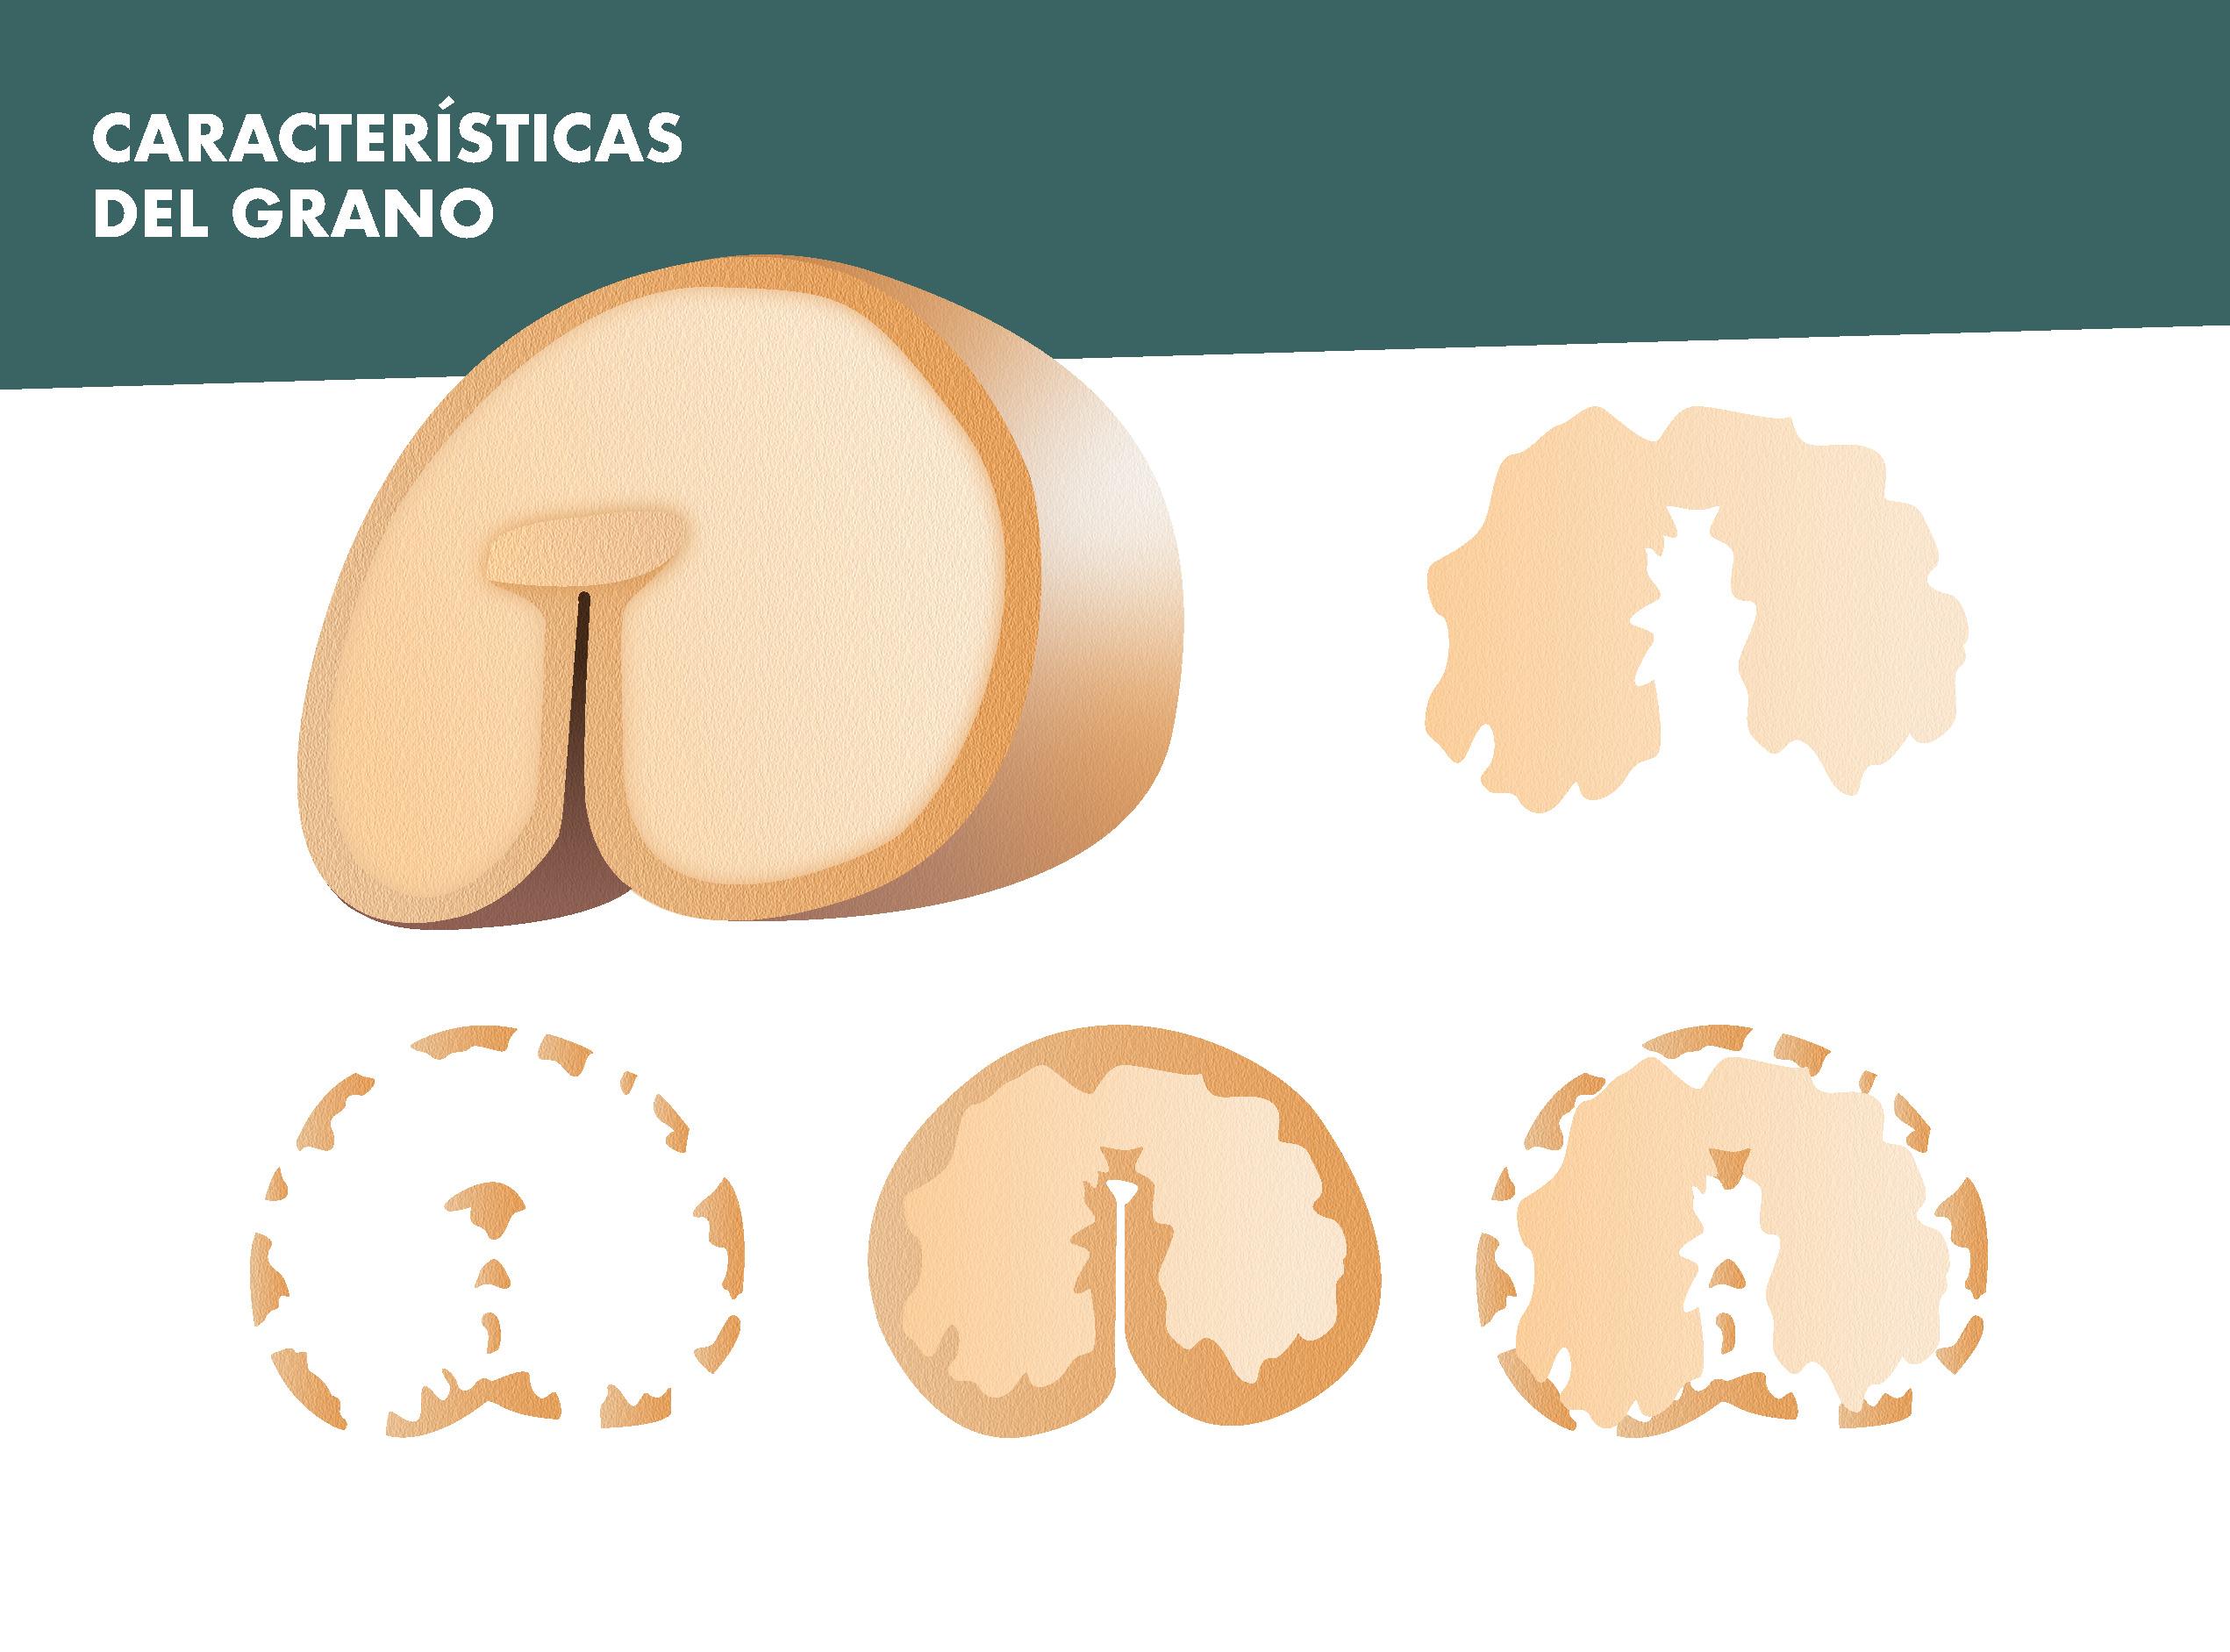 Características del grano